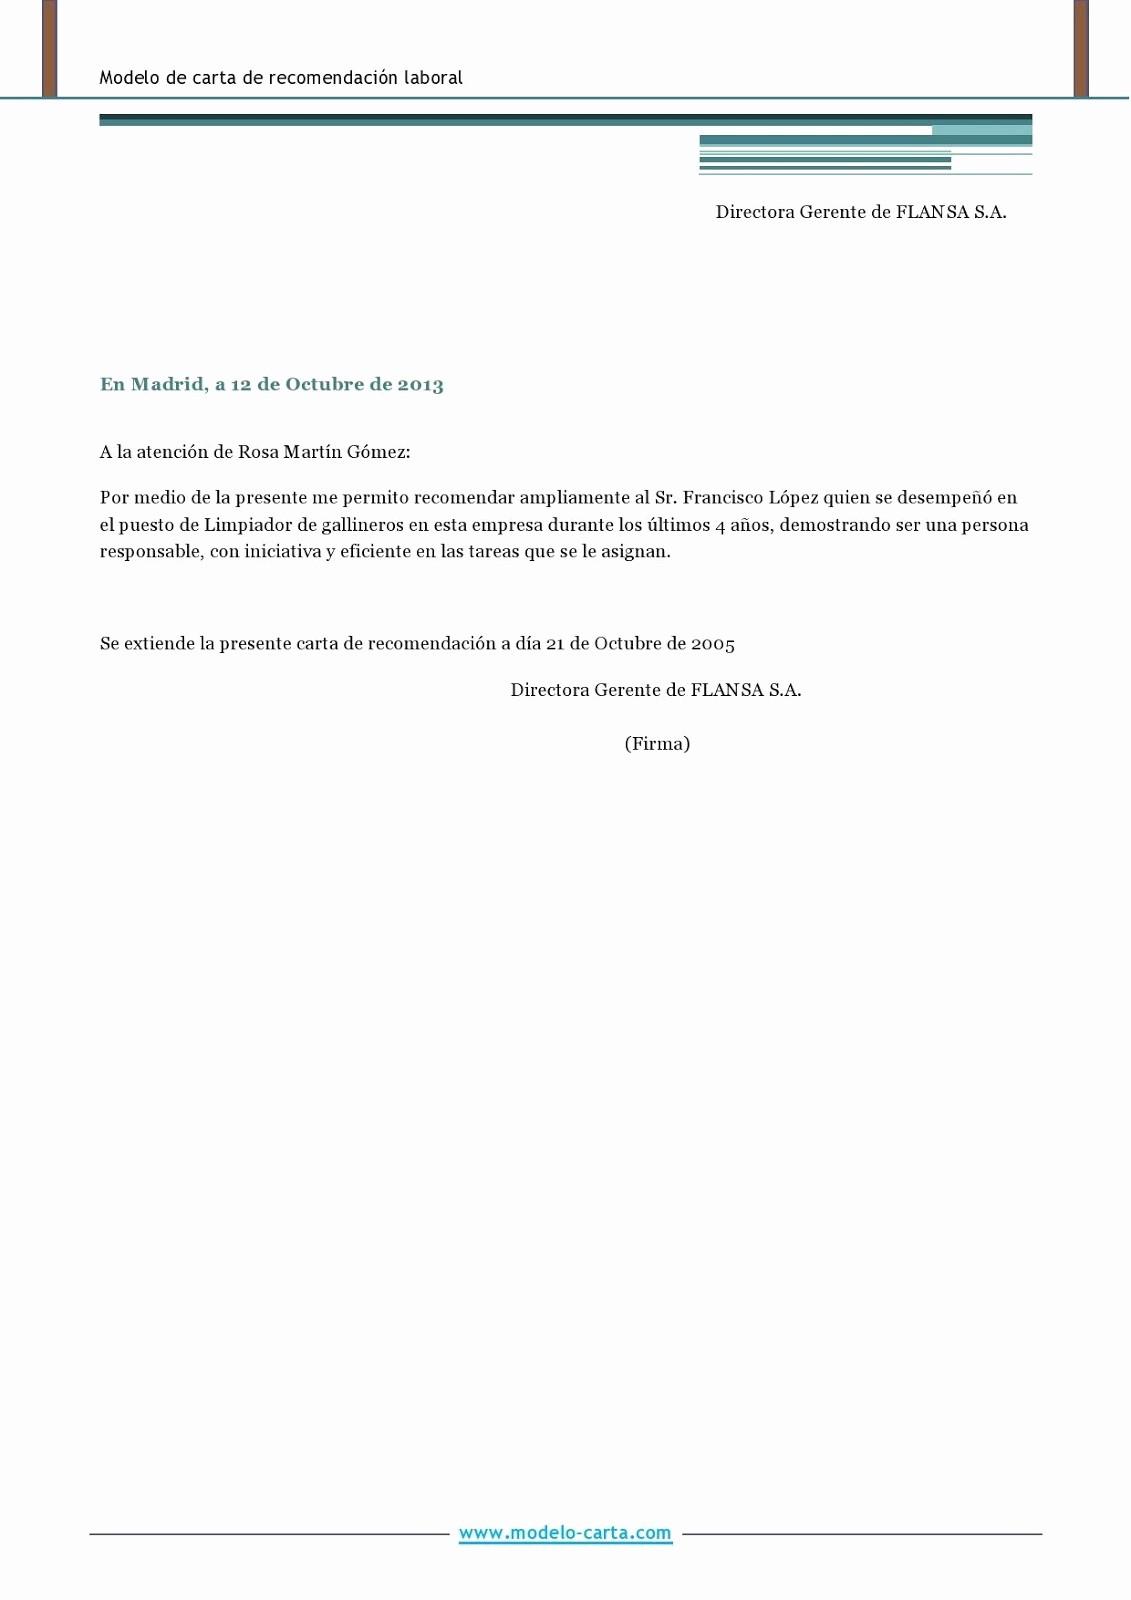 Formato De Carta Recomendacion Personal Best Of Carta De Re Endacion Personal Word Wood Scribd Mexico